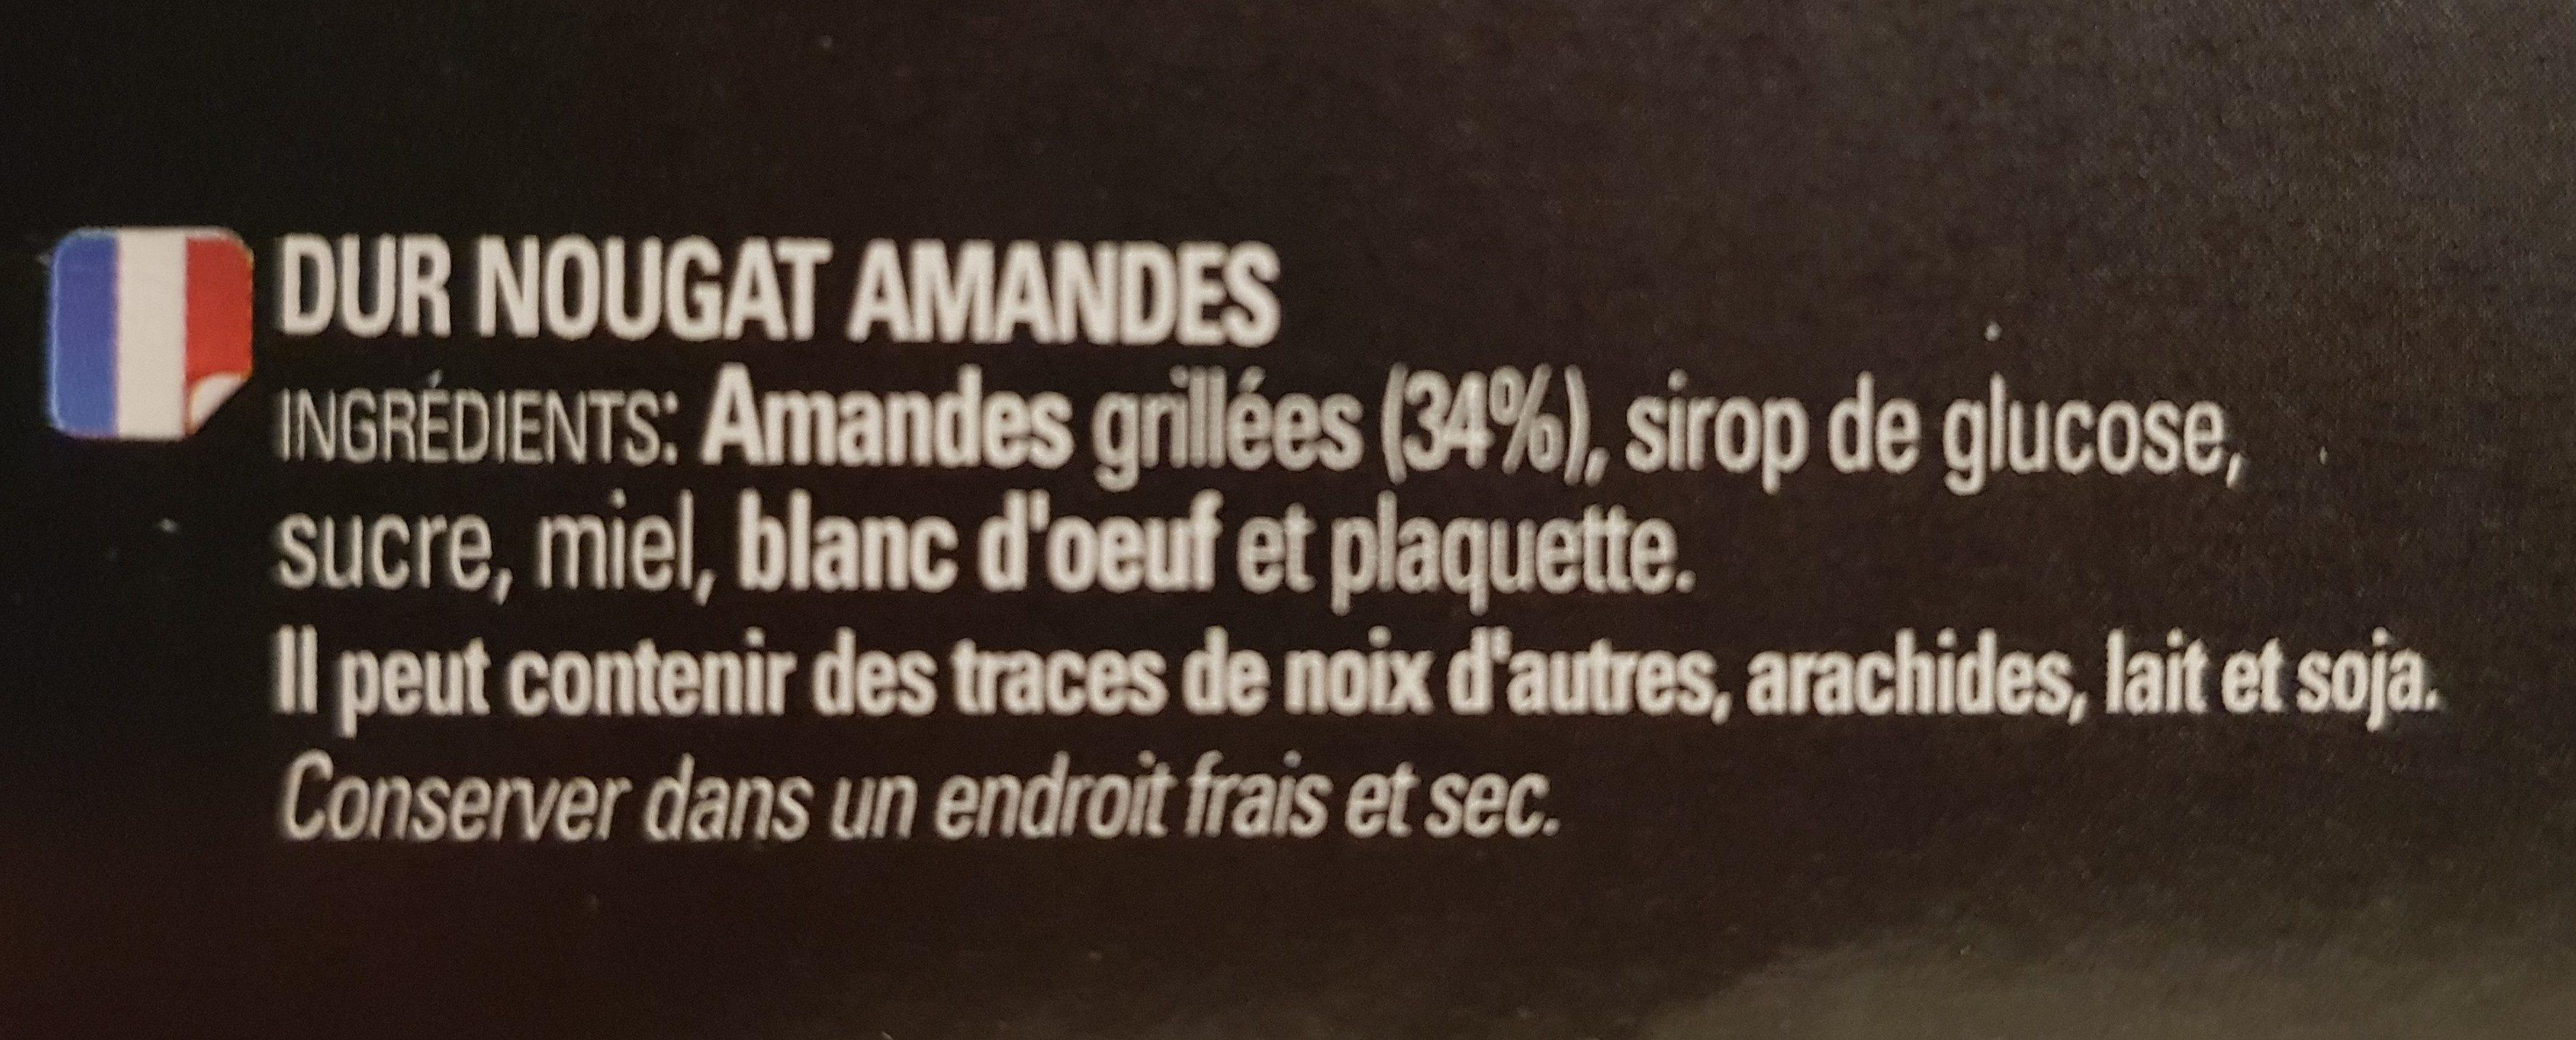 Turrón duro de almendra - Ingrédients - fr